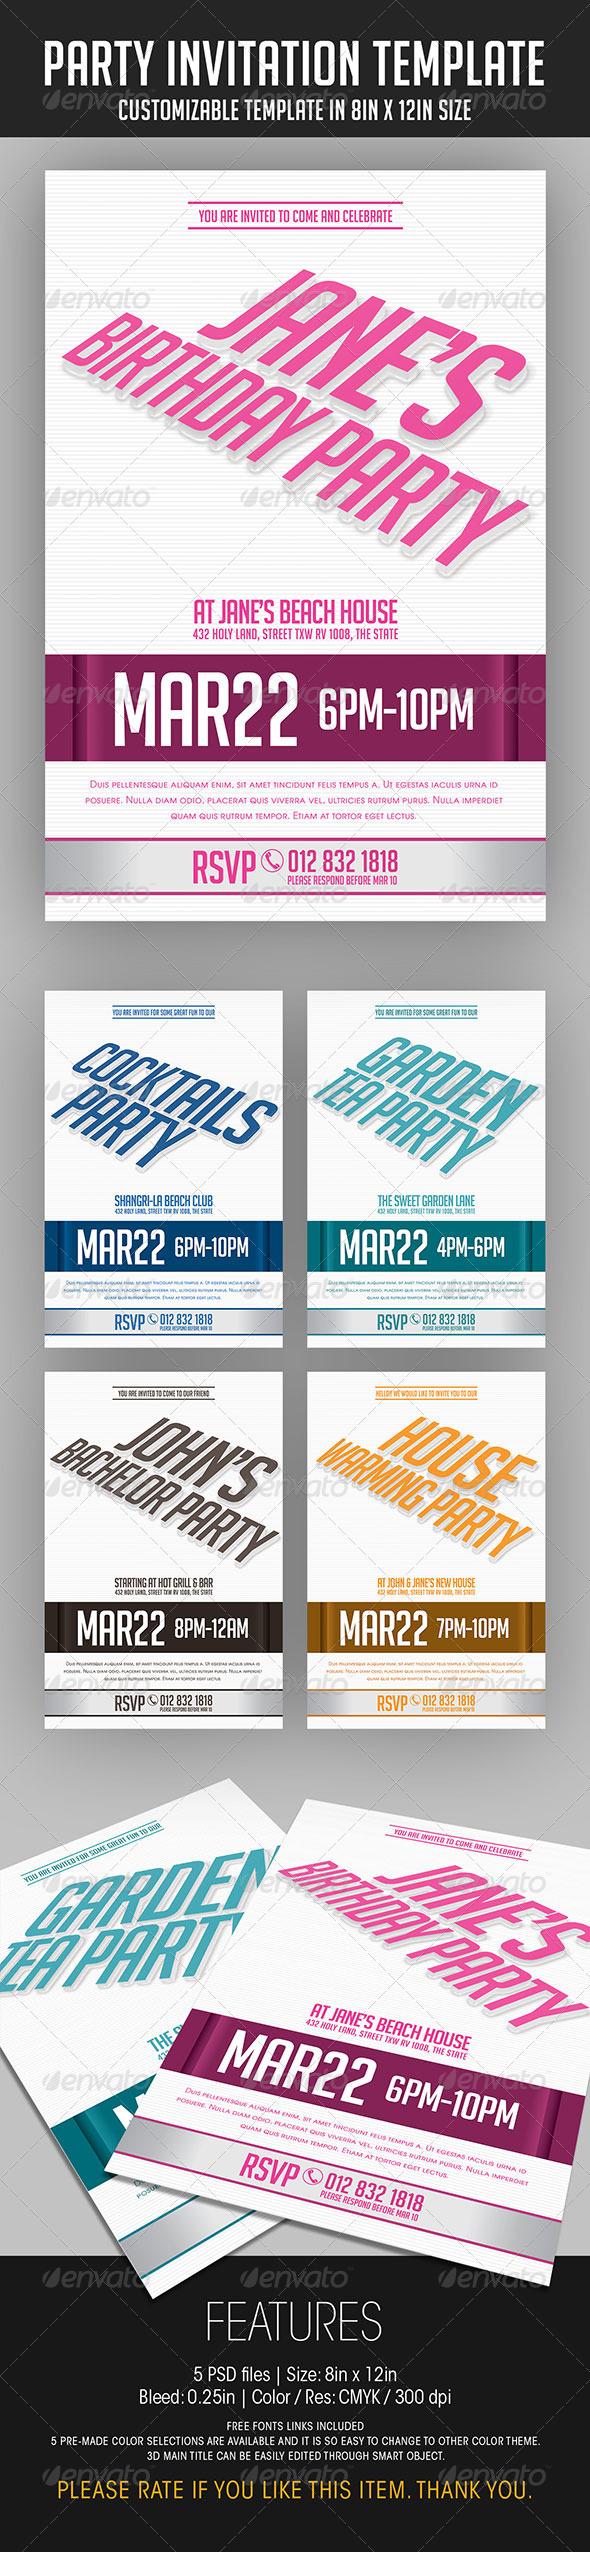 GraphicRiver Party Invitation Template 7026726